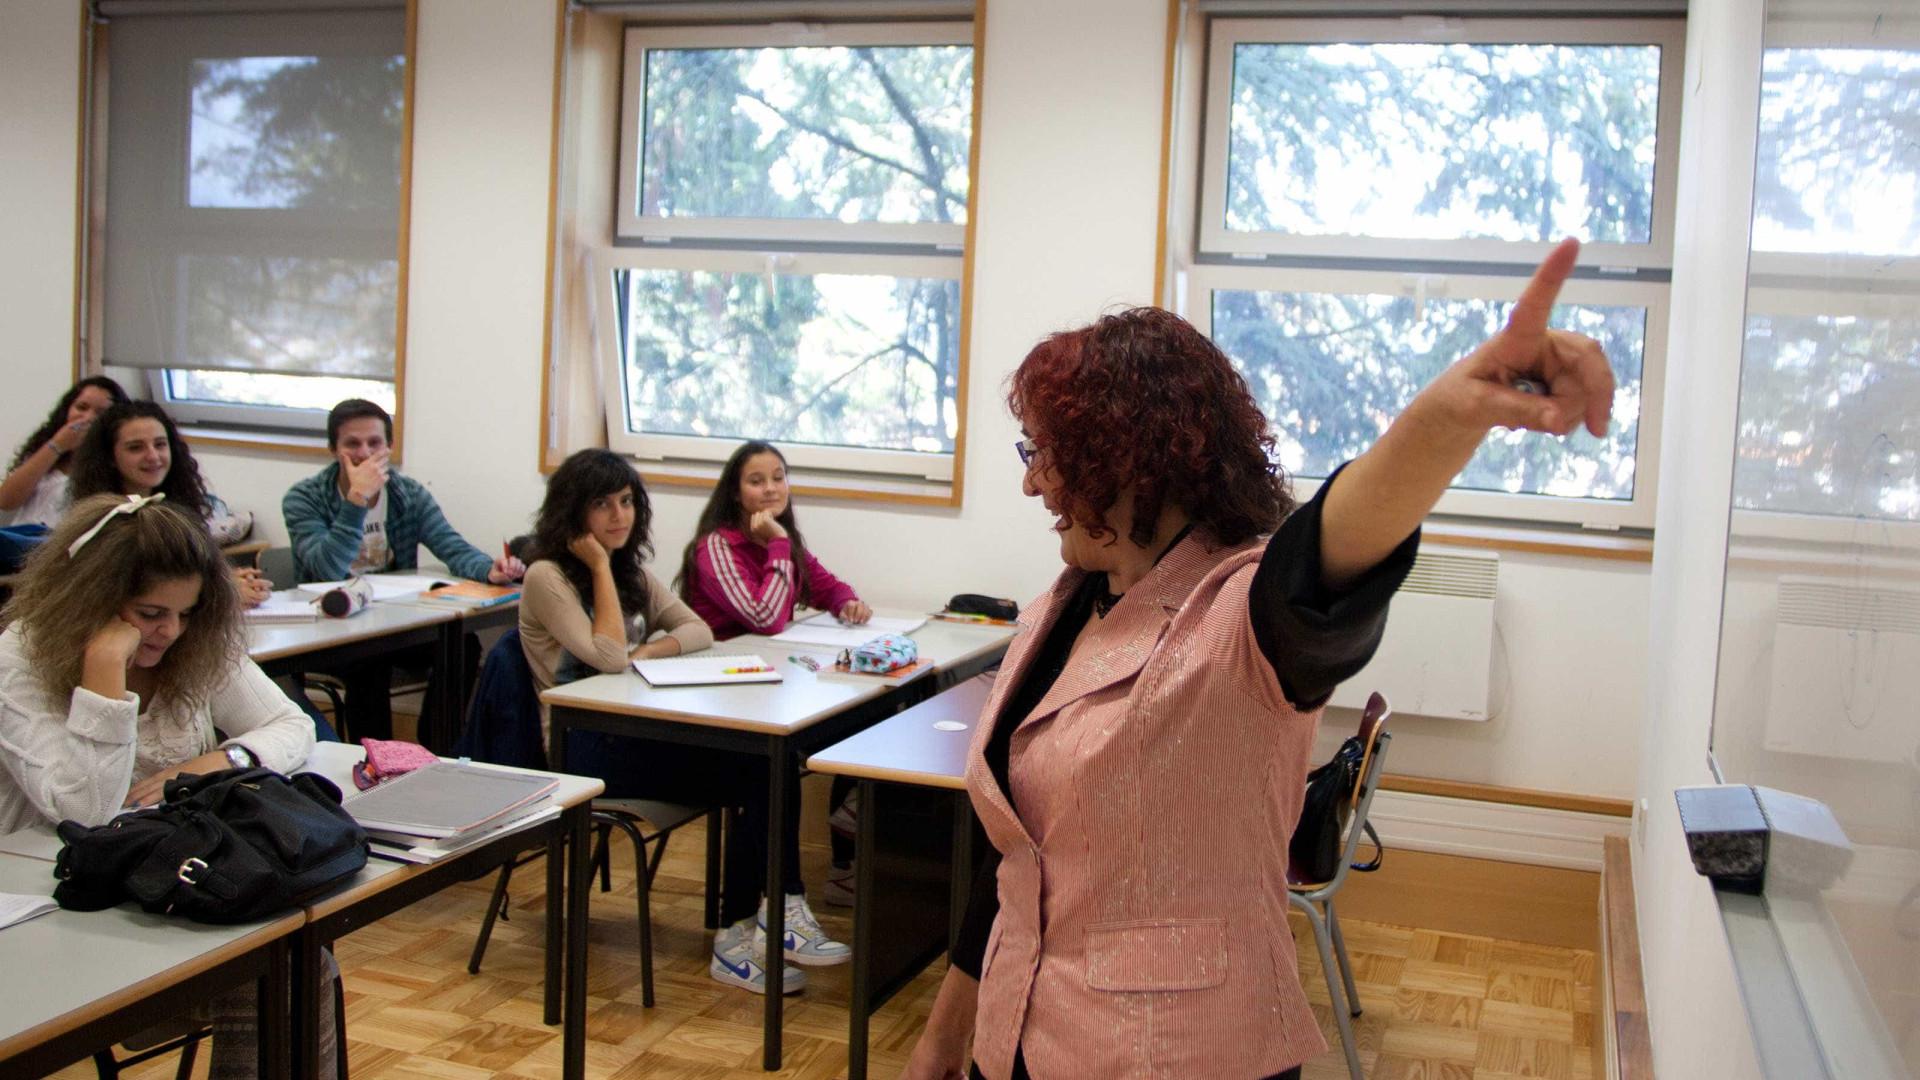 Crise pode estagnar melhoria dos indicadores do abandono escolar